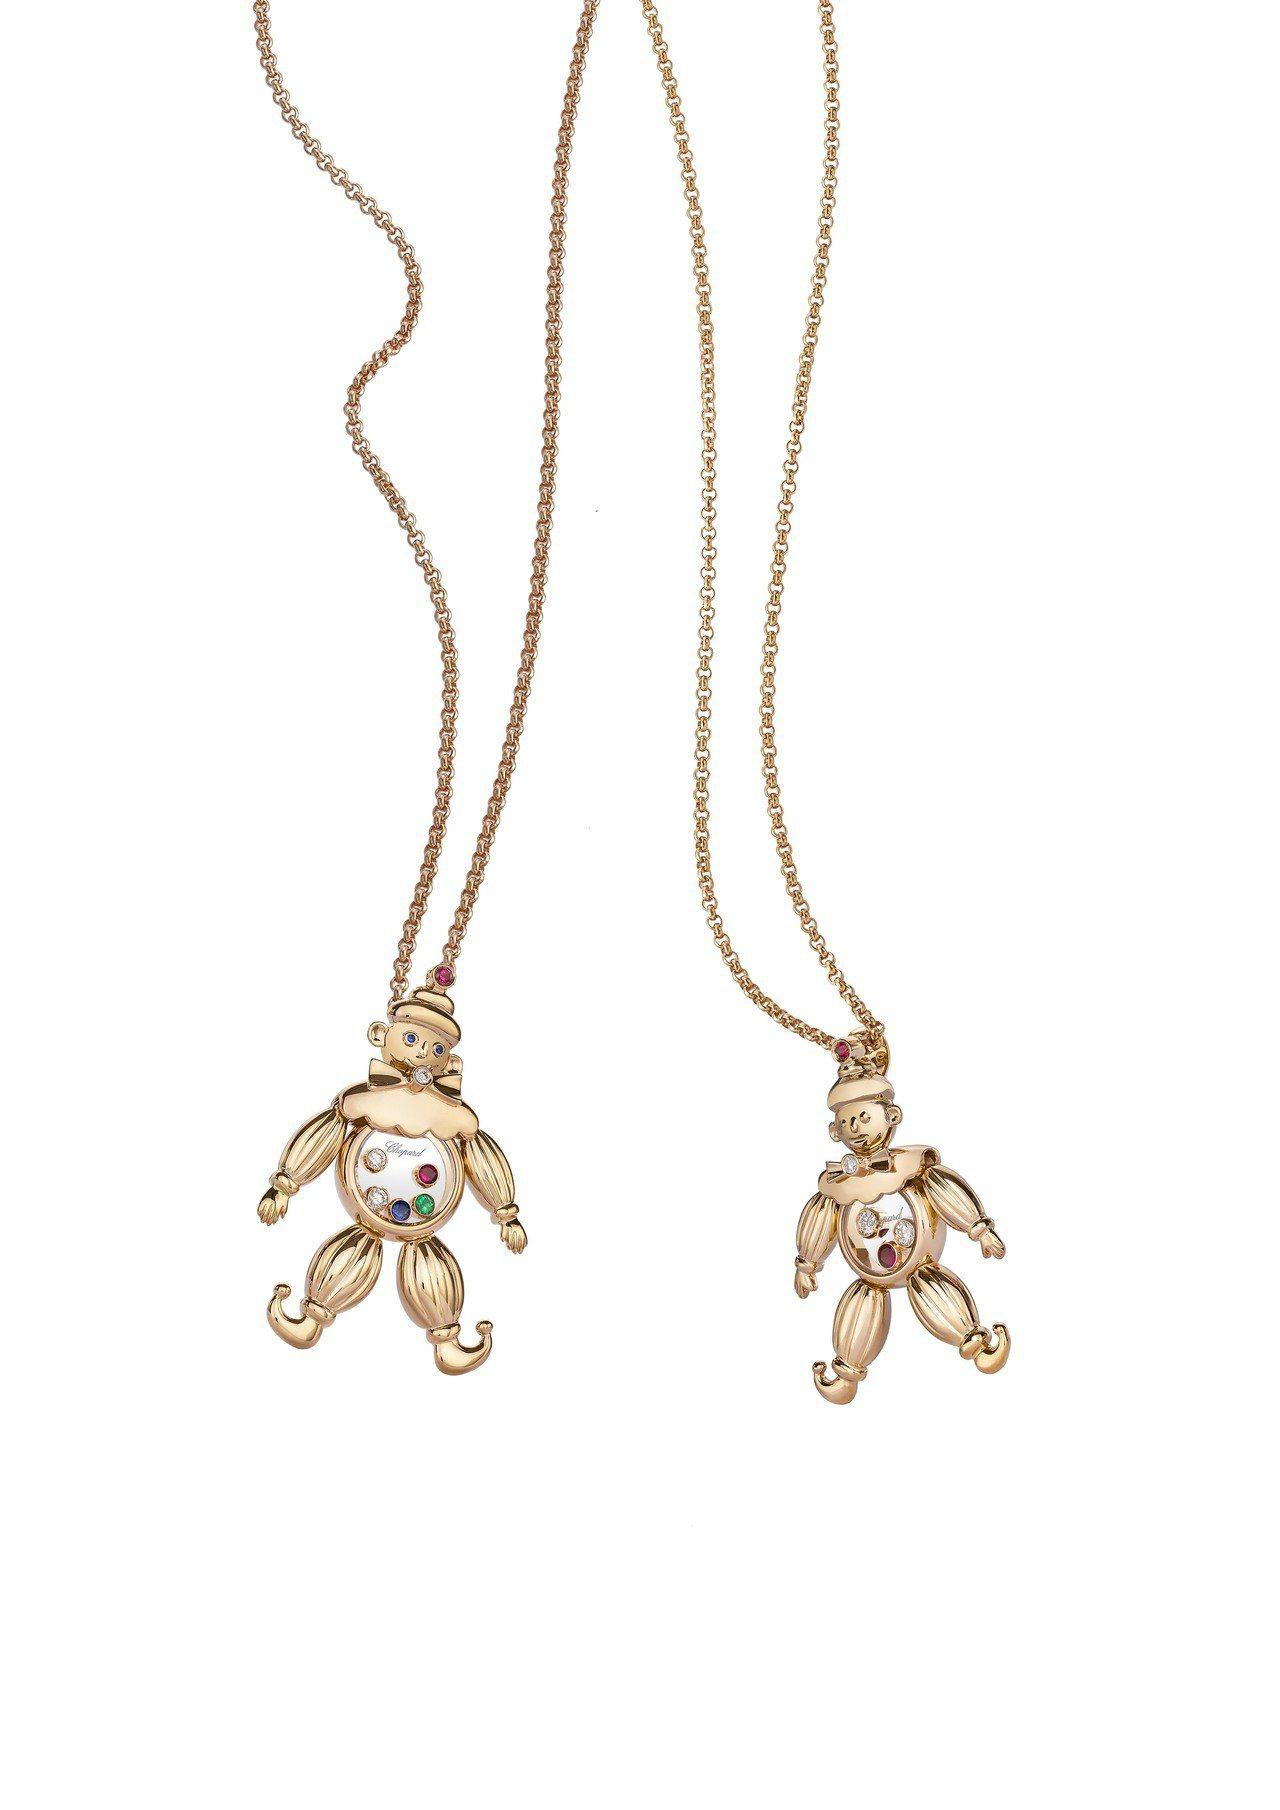 蕭邦Happy Clown項鍊,(由左至右)18K玫瑰金鑲嵌紅寶石、鑽石、藍寶石...